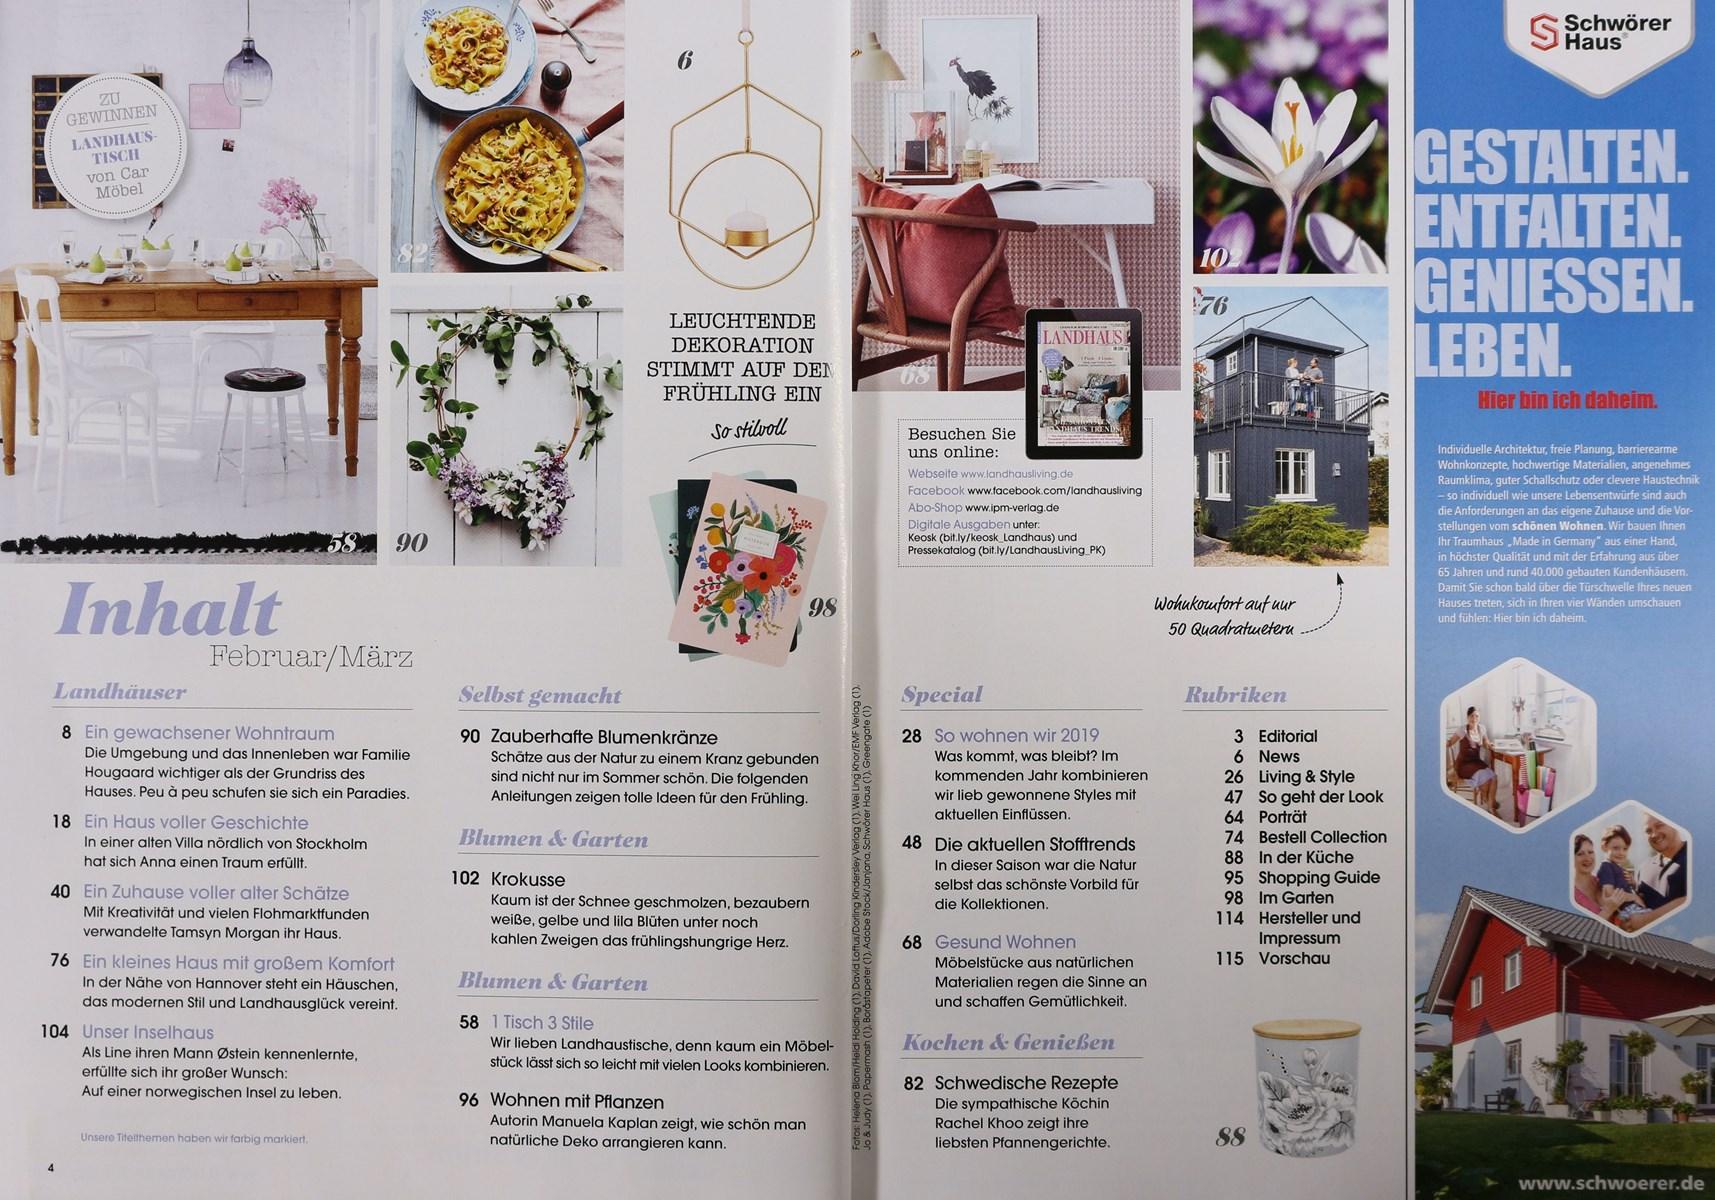 Full Size of Wohnen Und Garten Abo Landhaus Living 2 2019 Zeitungen Zeitschriften Online Sri Lanka Rundreise Baden Holzhaus Kind Rattenbekämpfung Im Bad Sanitär Garten Wohnen Und Garten Abo